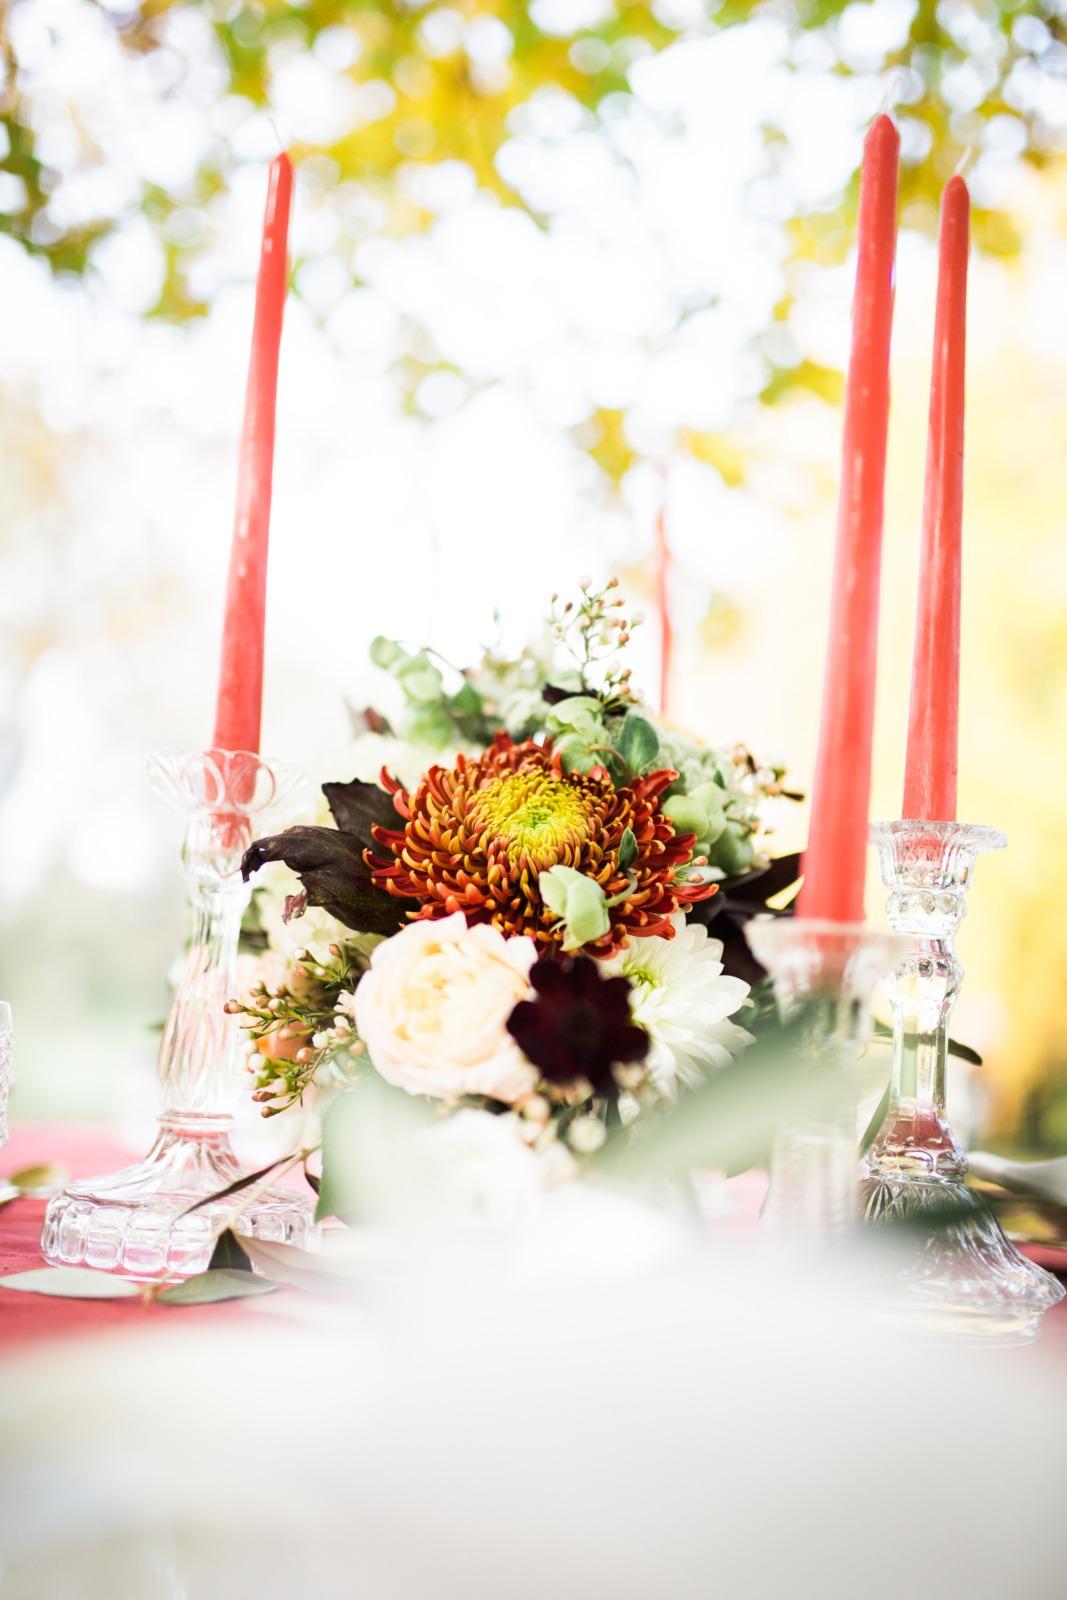 Styledshooting Farbenfrohe Herbsthochzeit Rot Wald Tischdekoration